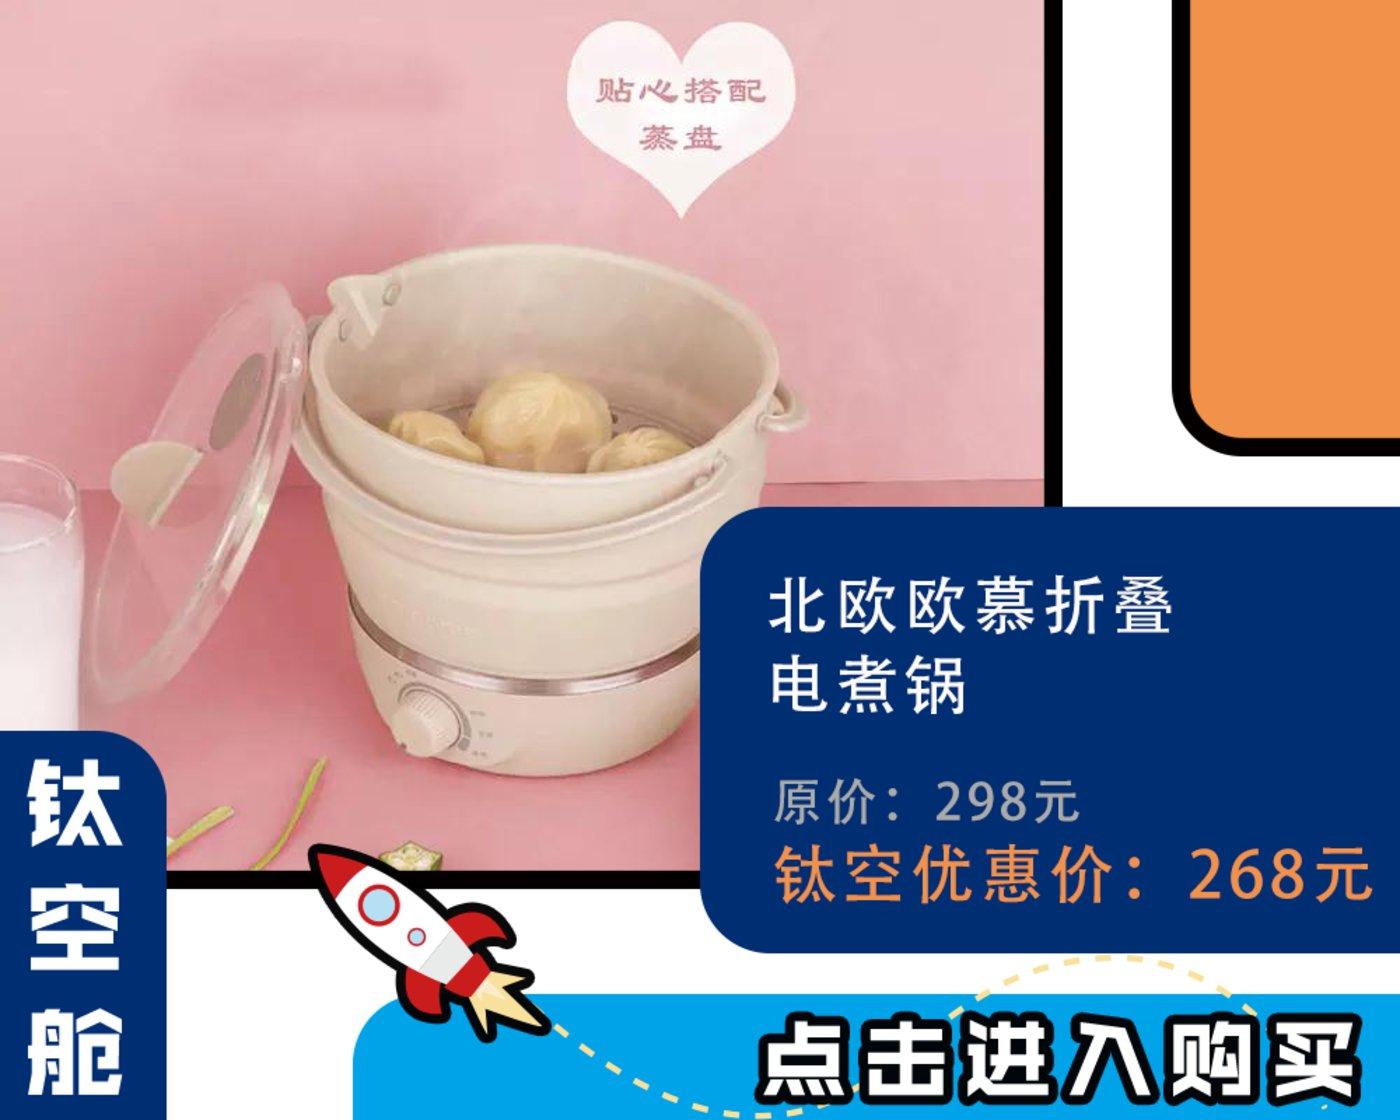 学生党、吃货必备,一秒拍扁带走的小火锅,陪你吃遍全世界! | 钛空舱